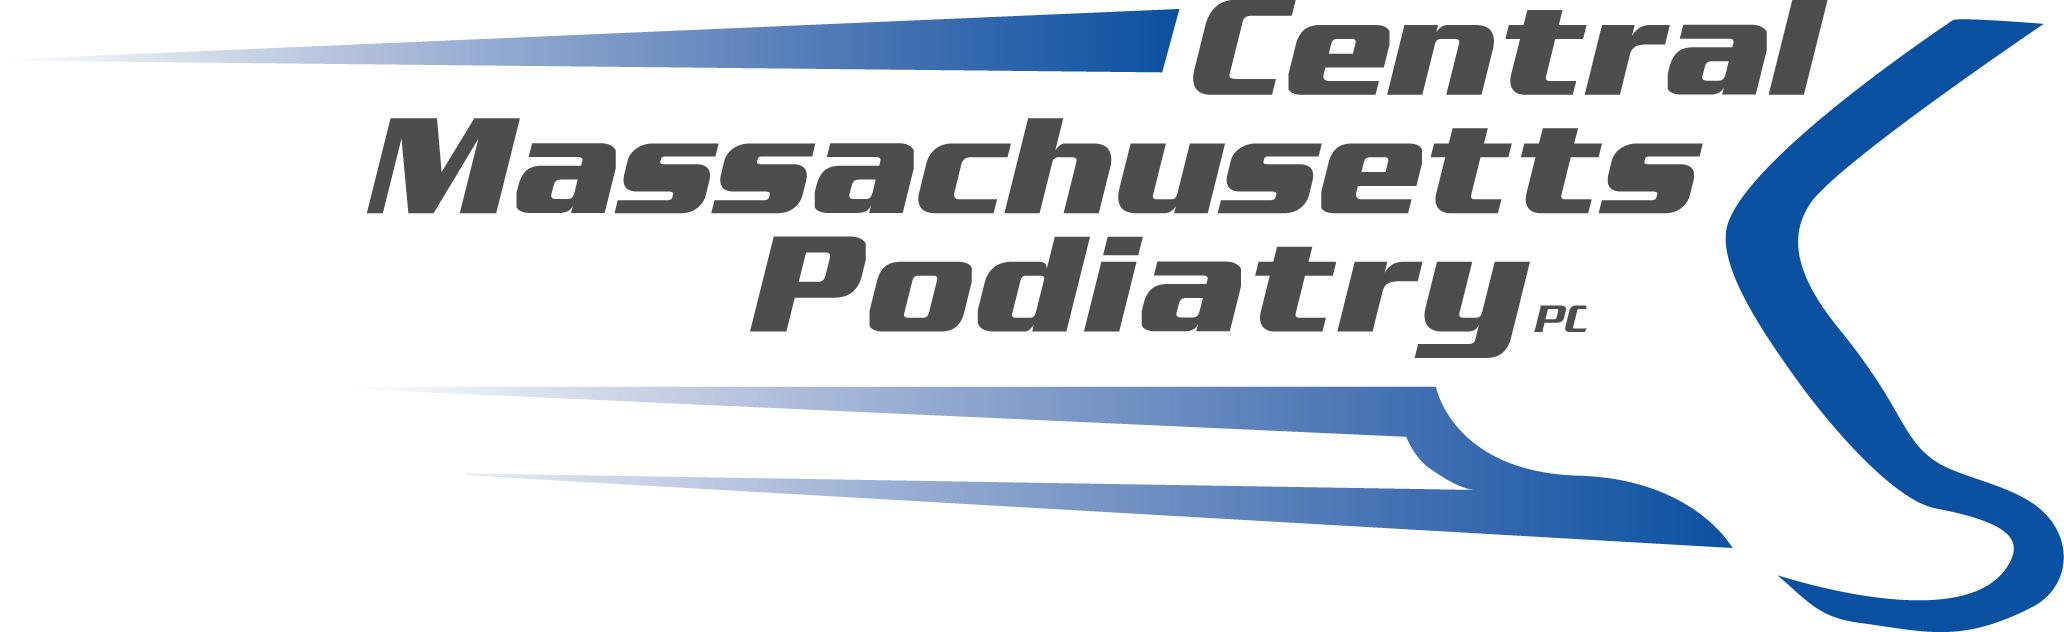 Sponsor Central Massachusetts Podiatry